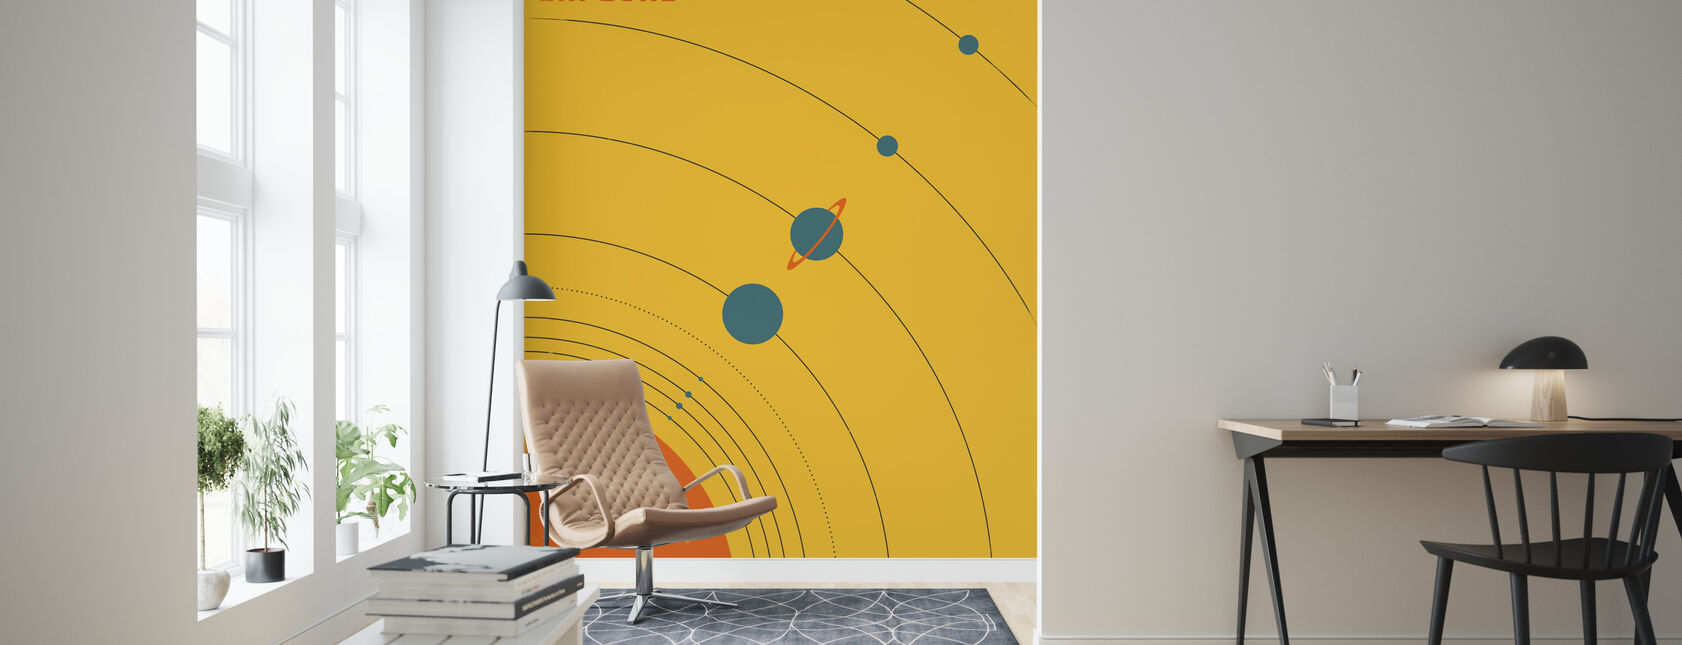 Solsystem - Udforsk - Tapet - Stue